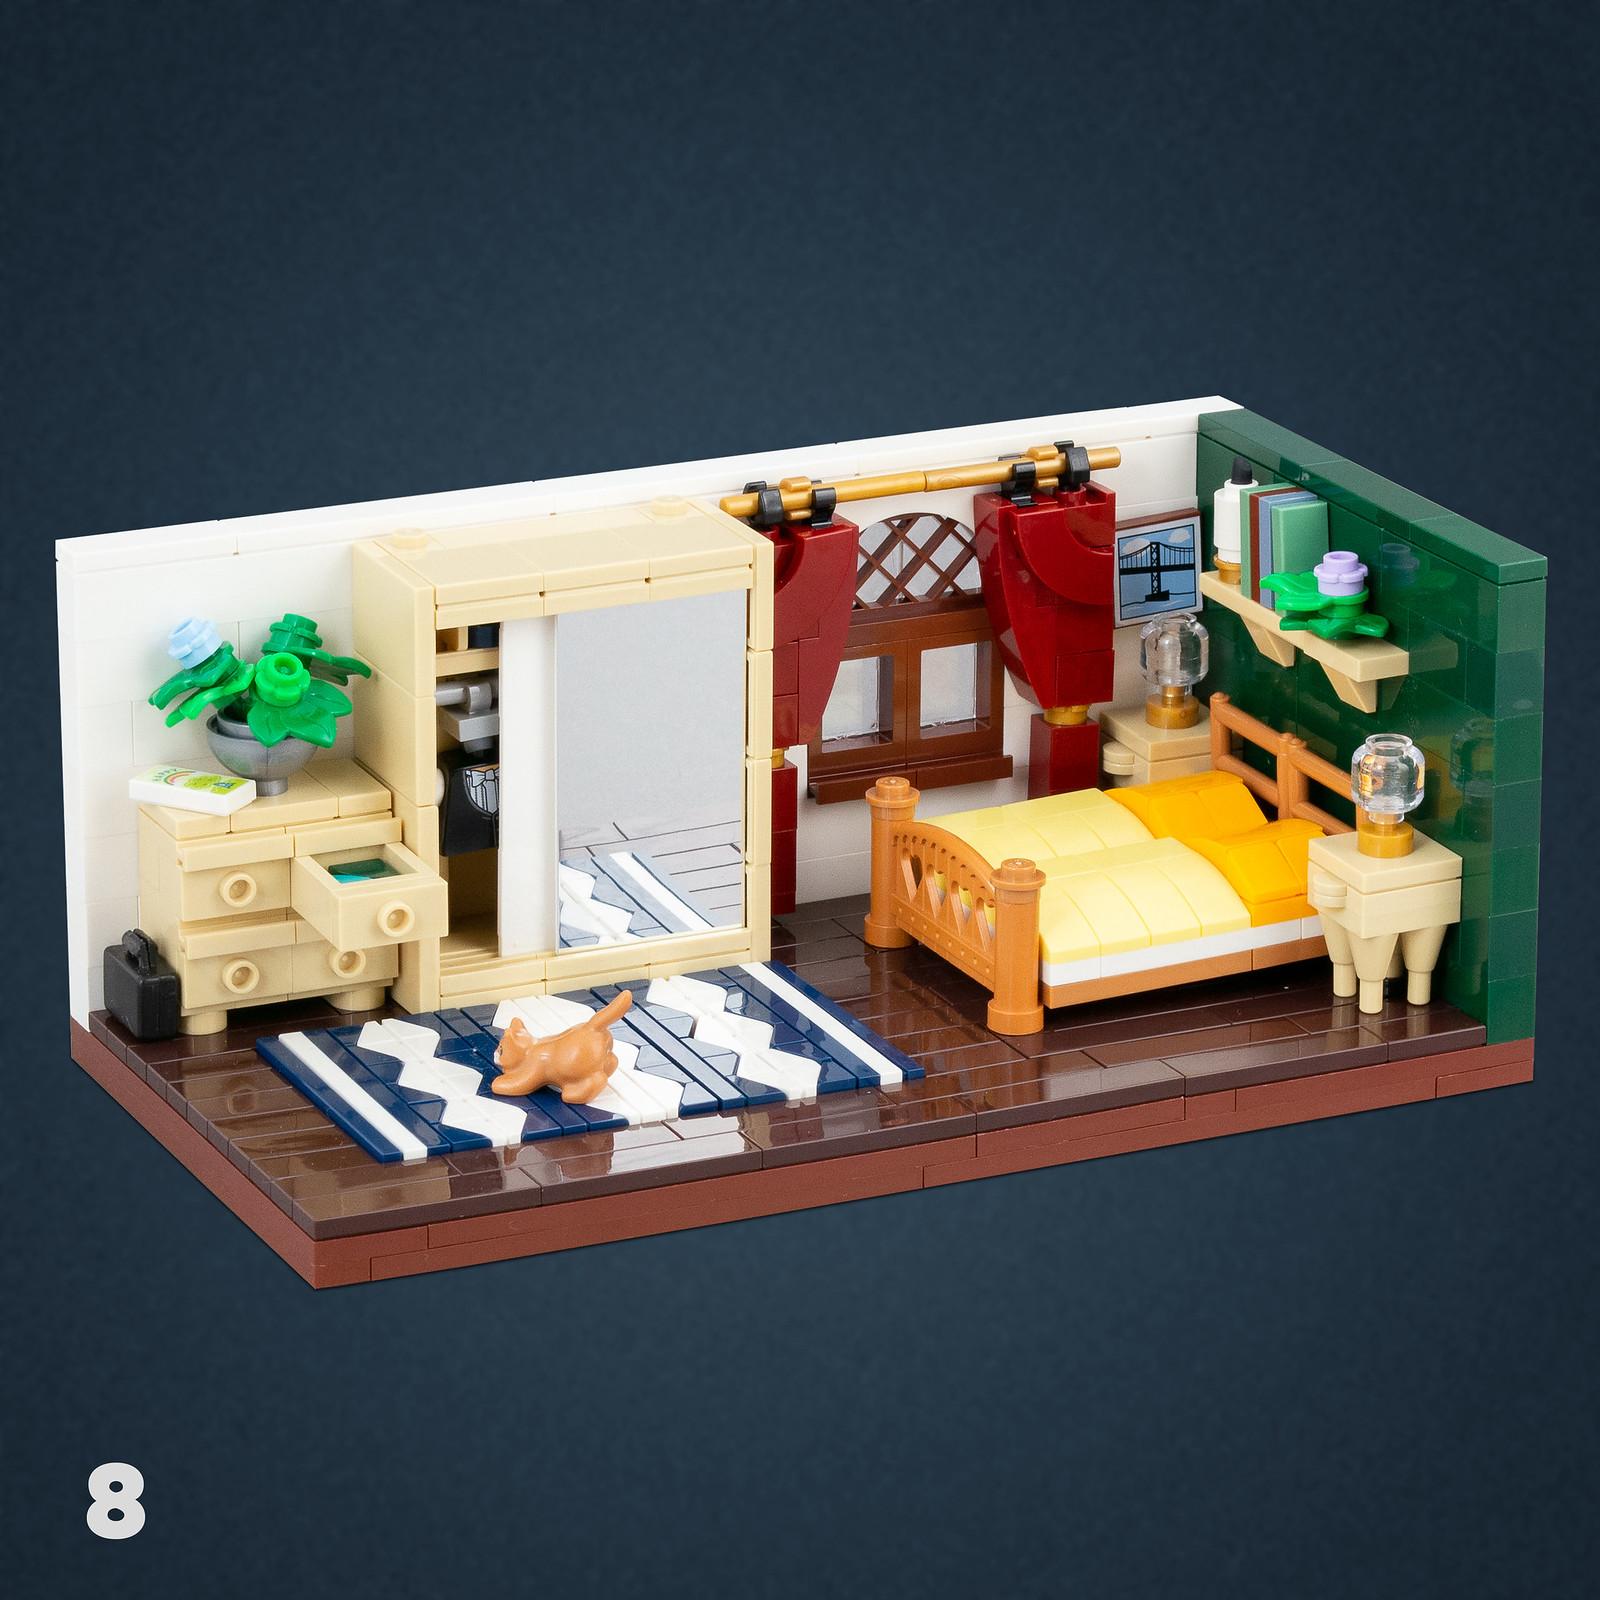 08 - Bedroom